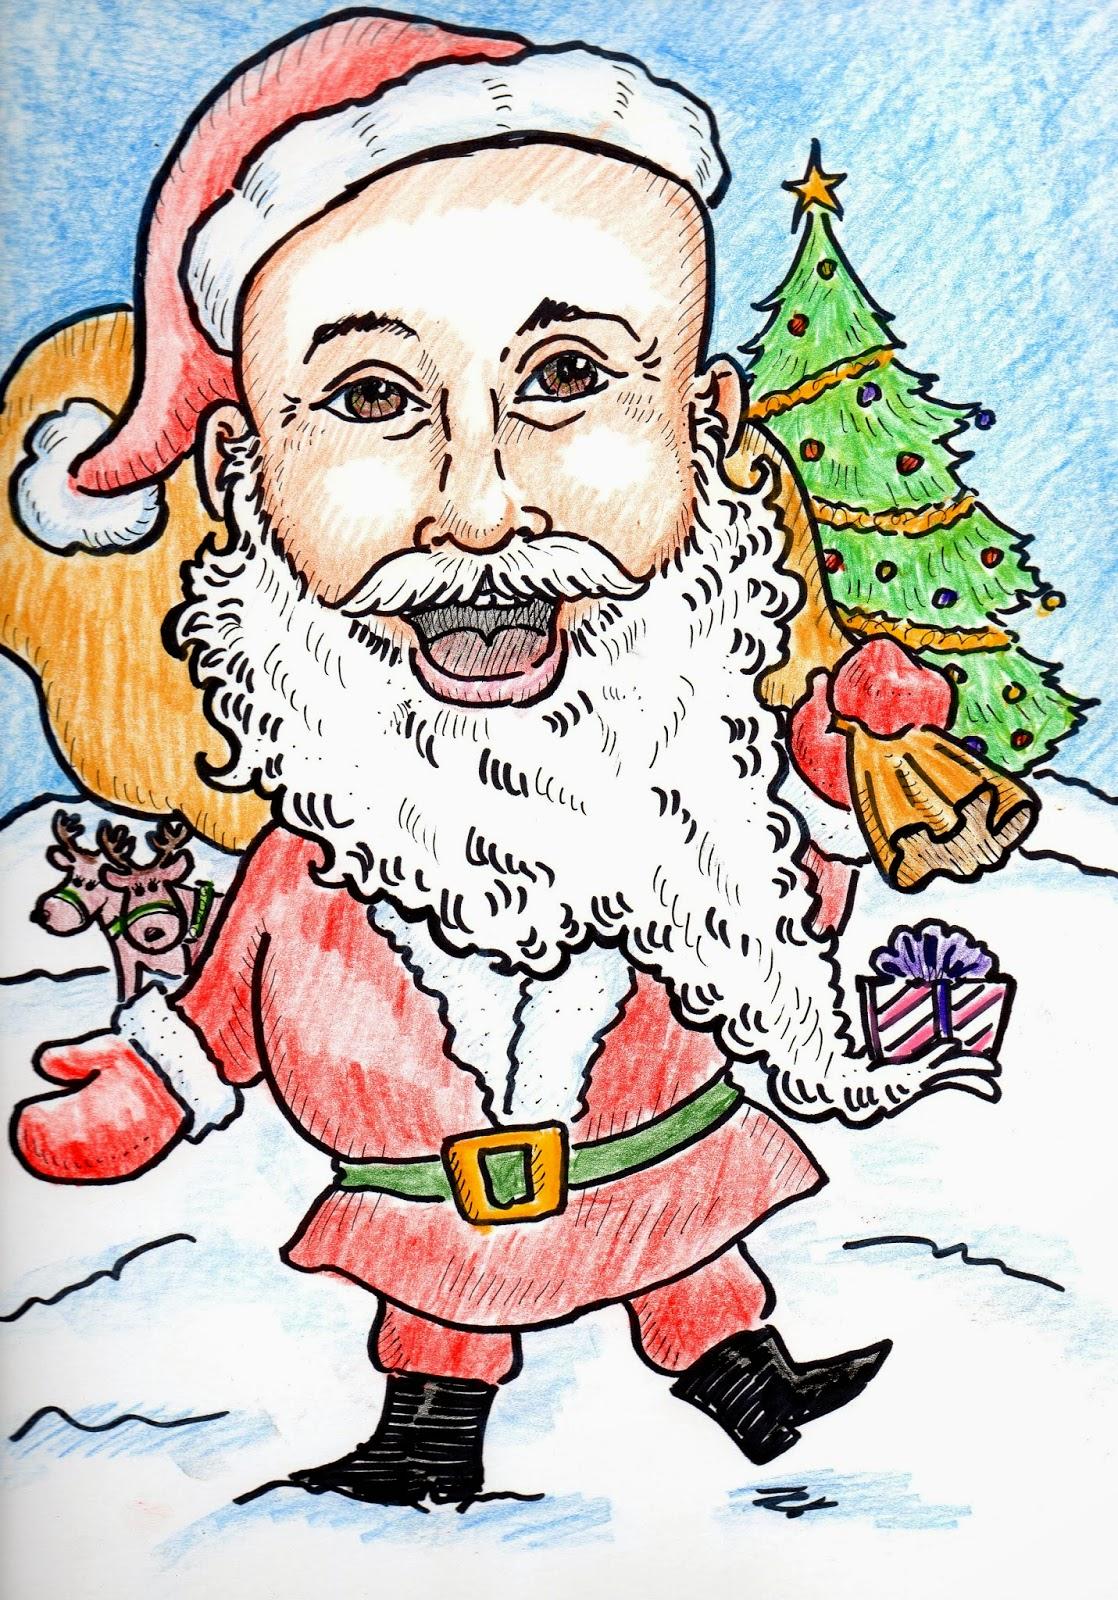 Santa, holiday